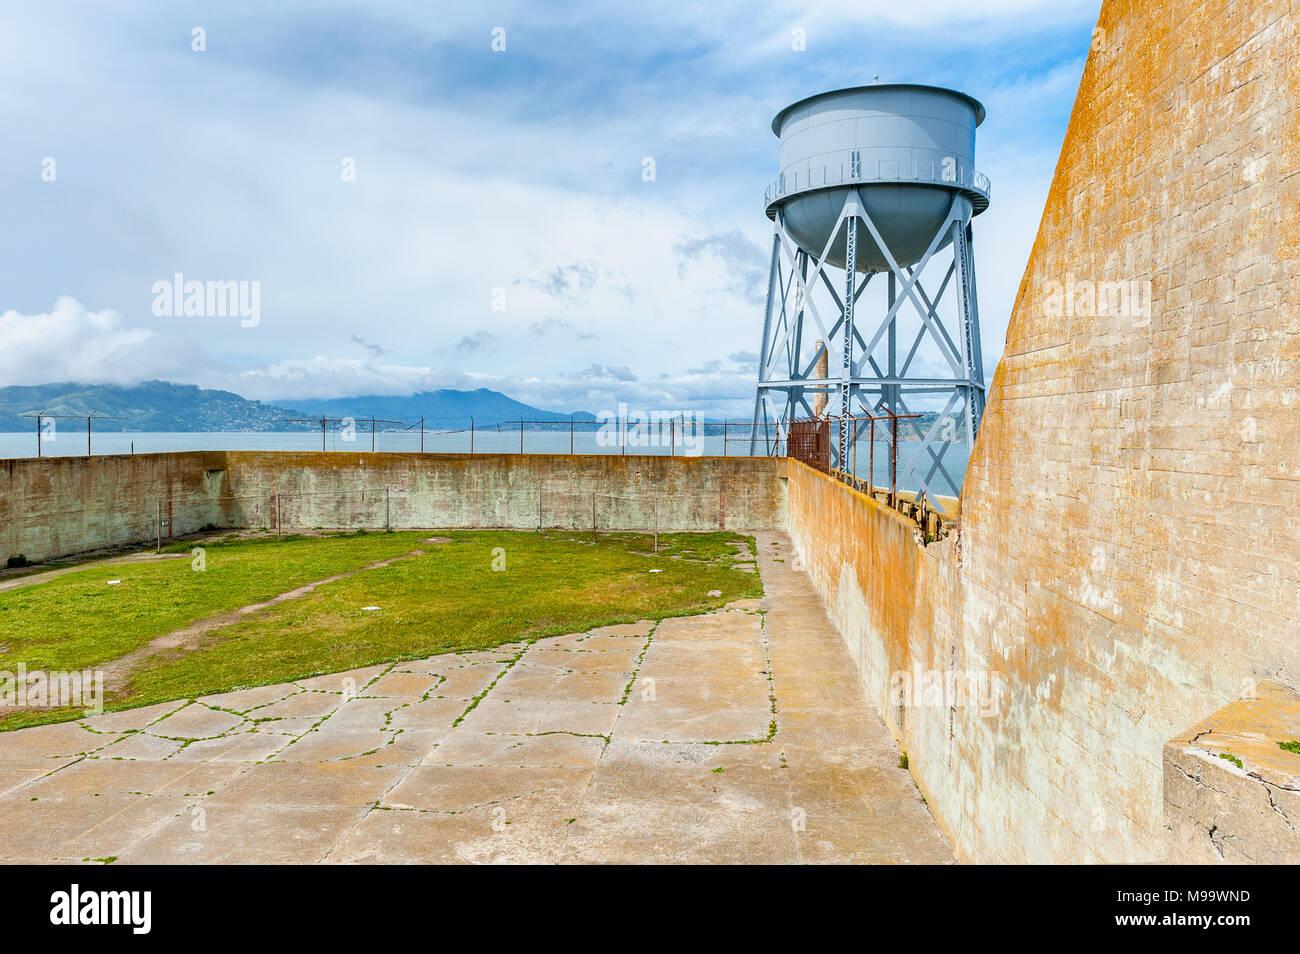 Übung Hof auf Alcatraz Island, San Francisco, USA. Alcatraz war ein bundesgefängnis von 1934 bis 1963 und ist heute ein Museum. Stockbild